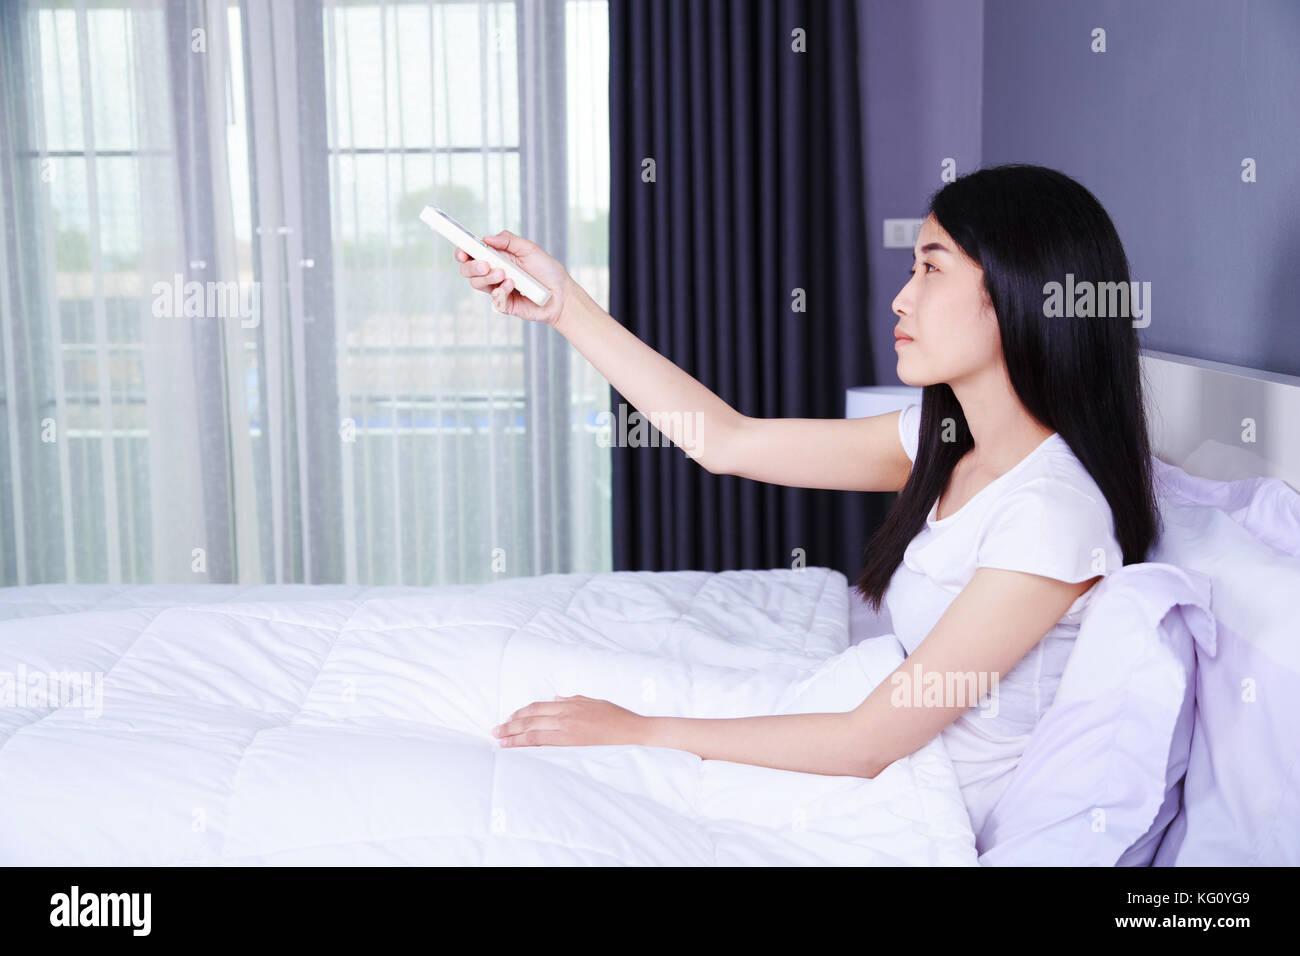 Frau Hand halten Fernbedienung Klimaanlage ein Bett im Schlafzimmer ...